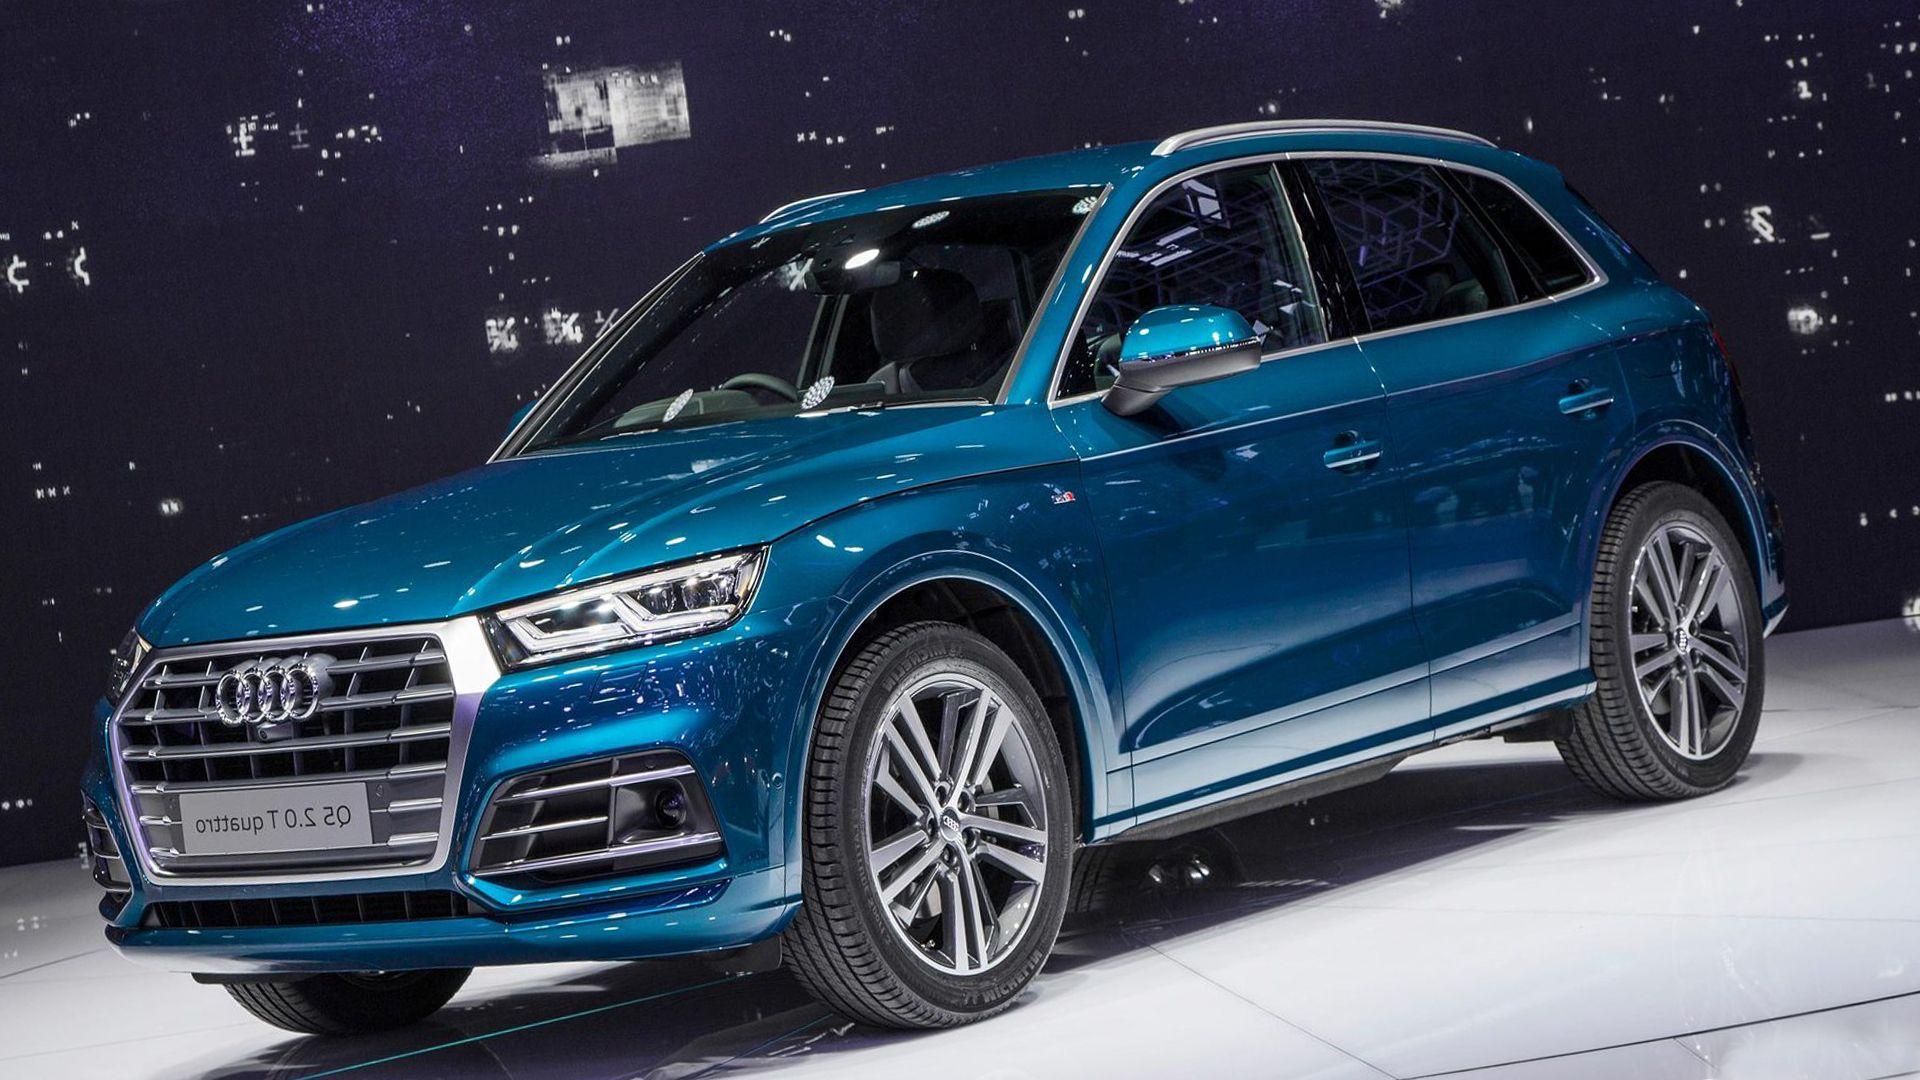 Audi Q5 2020 Hybrid Release Date